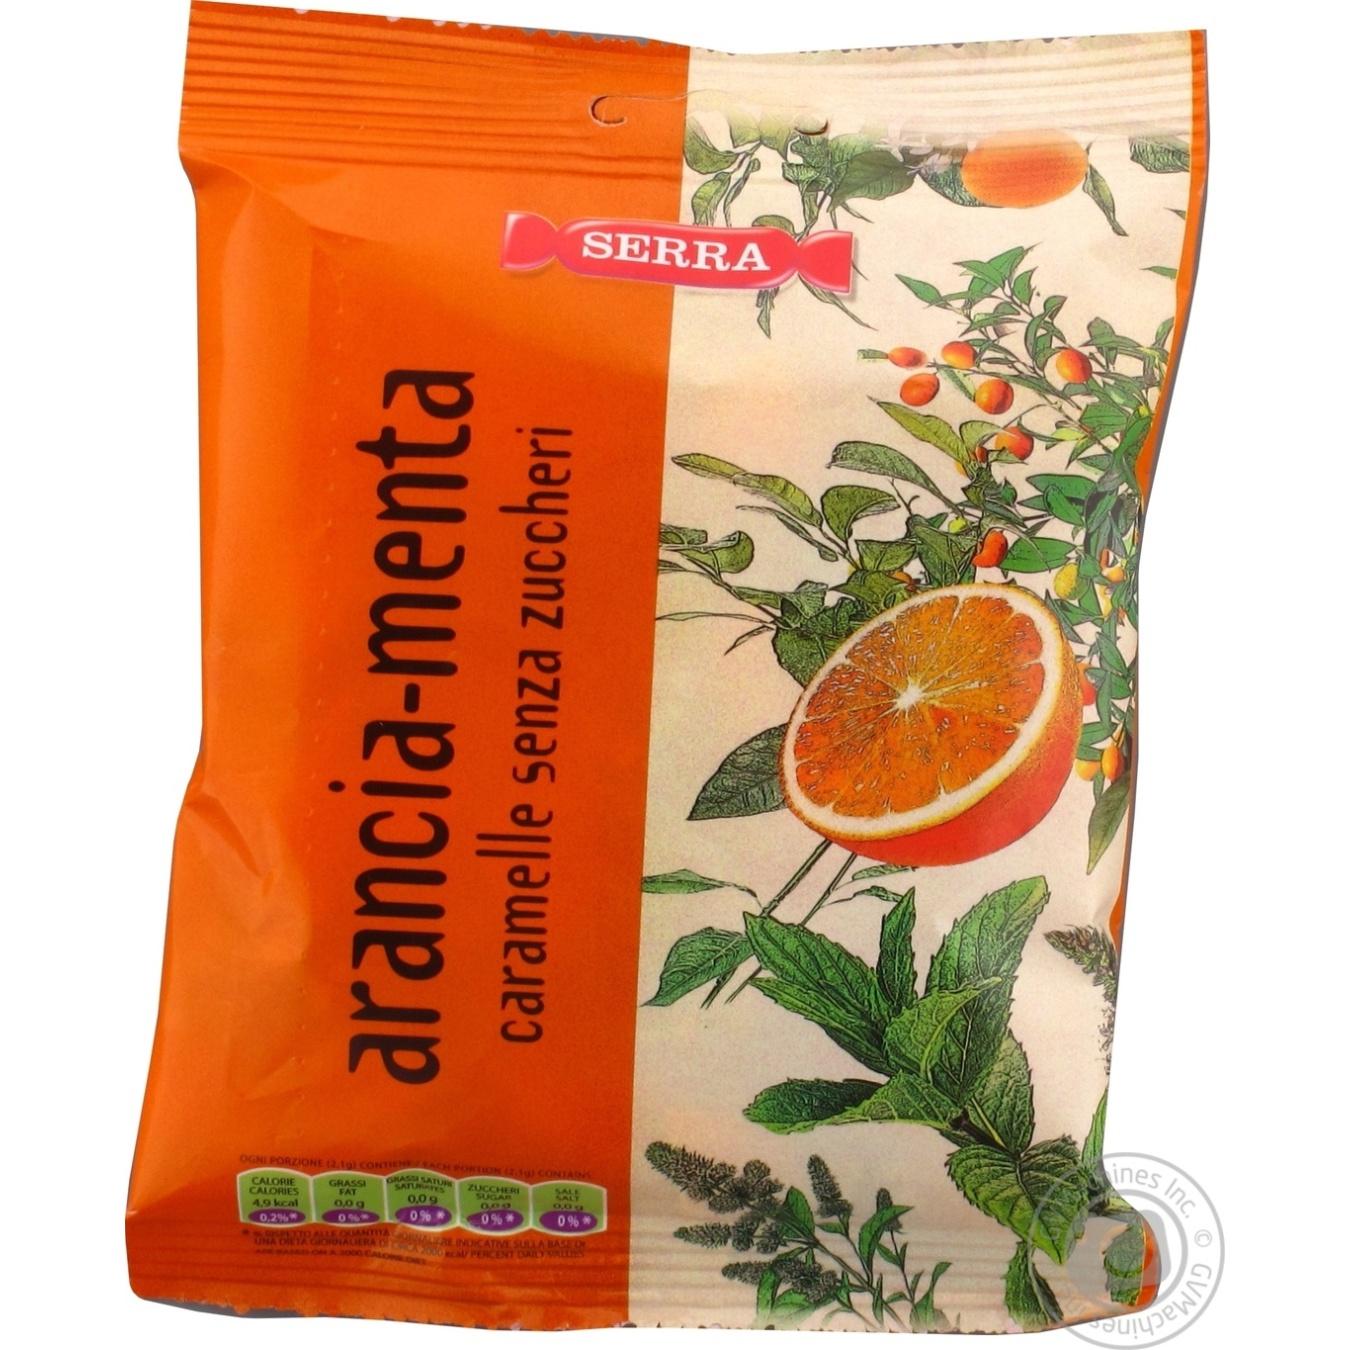 Купить Цукерки та батончики, Цукерки міні Serra Апельсинова м'ята без цукру 70г